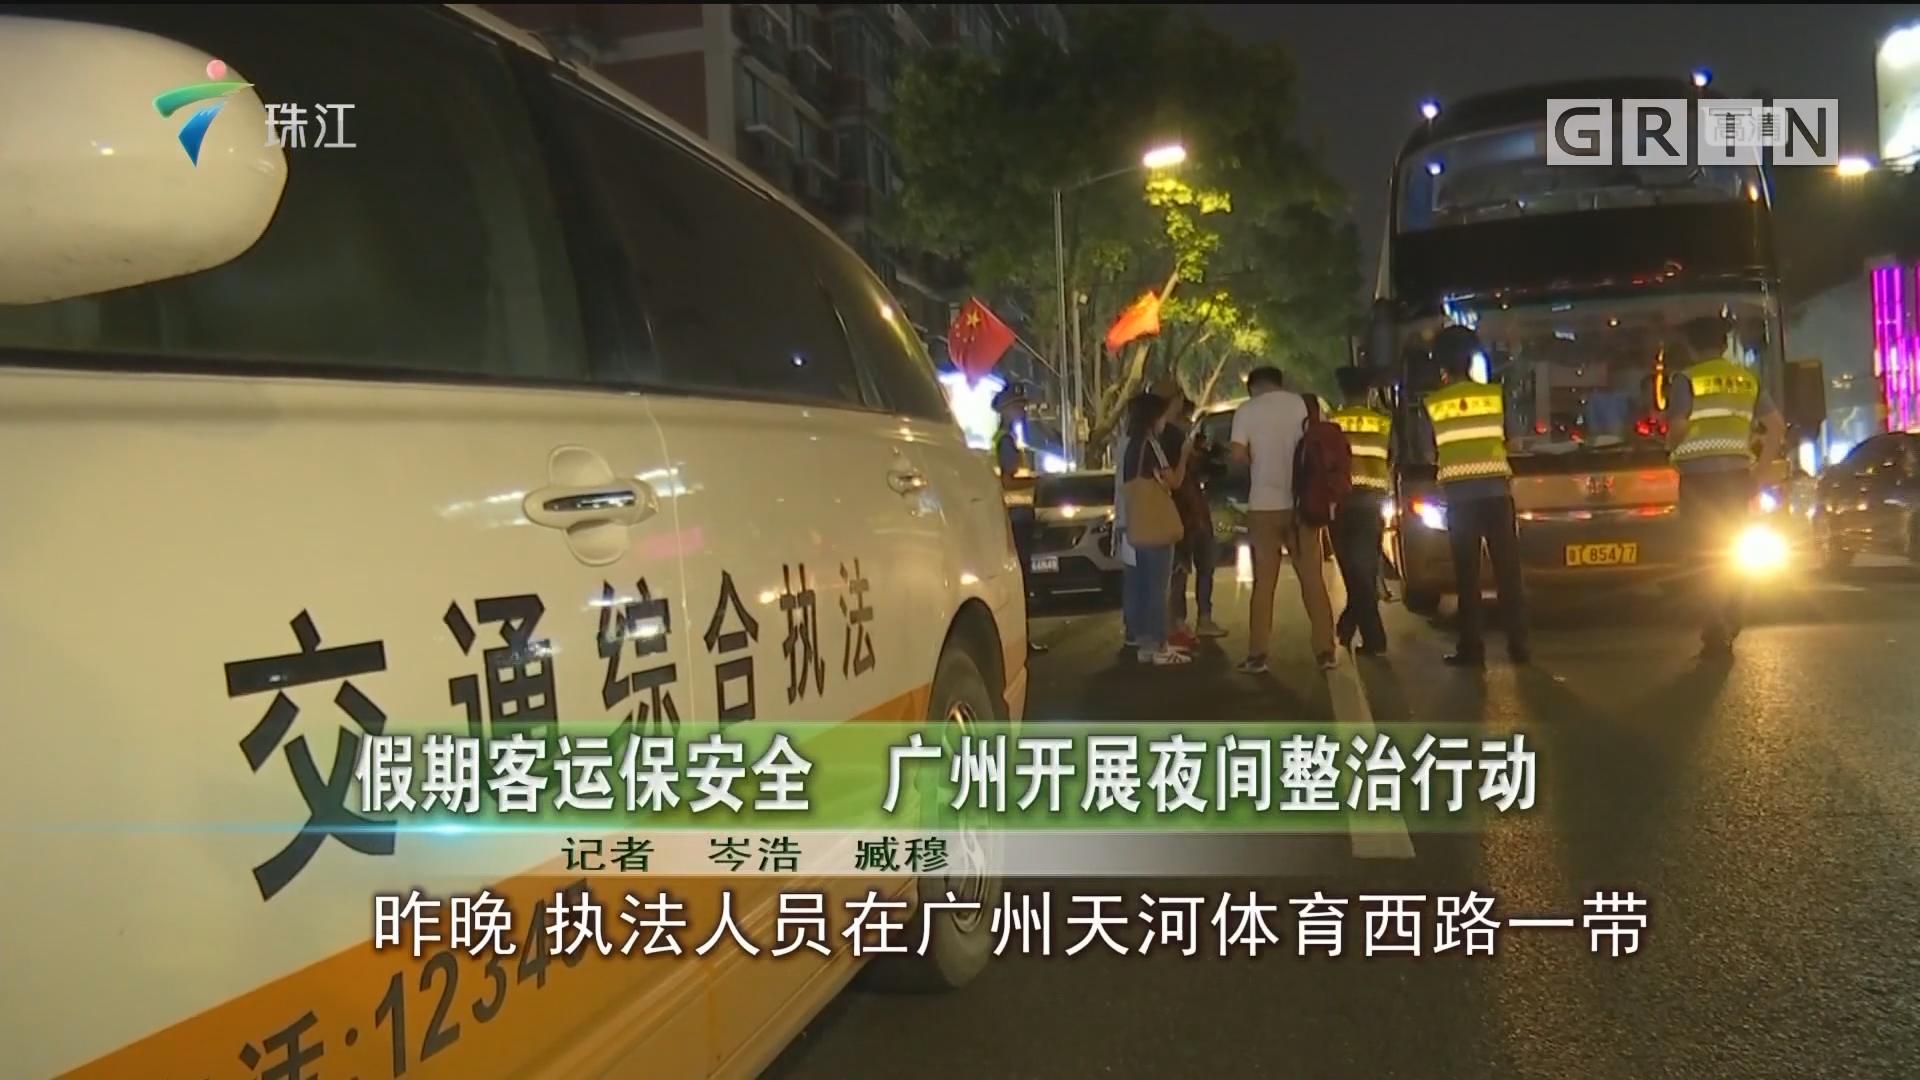 假期客运保安全 广州开展夜间整治行动